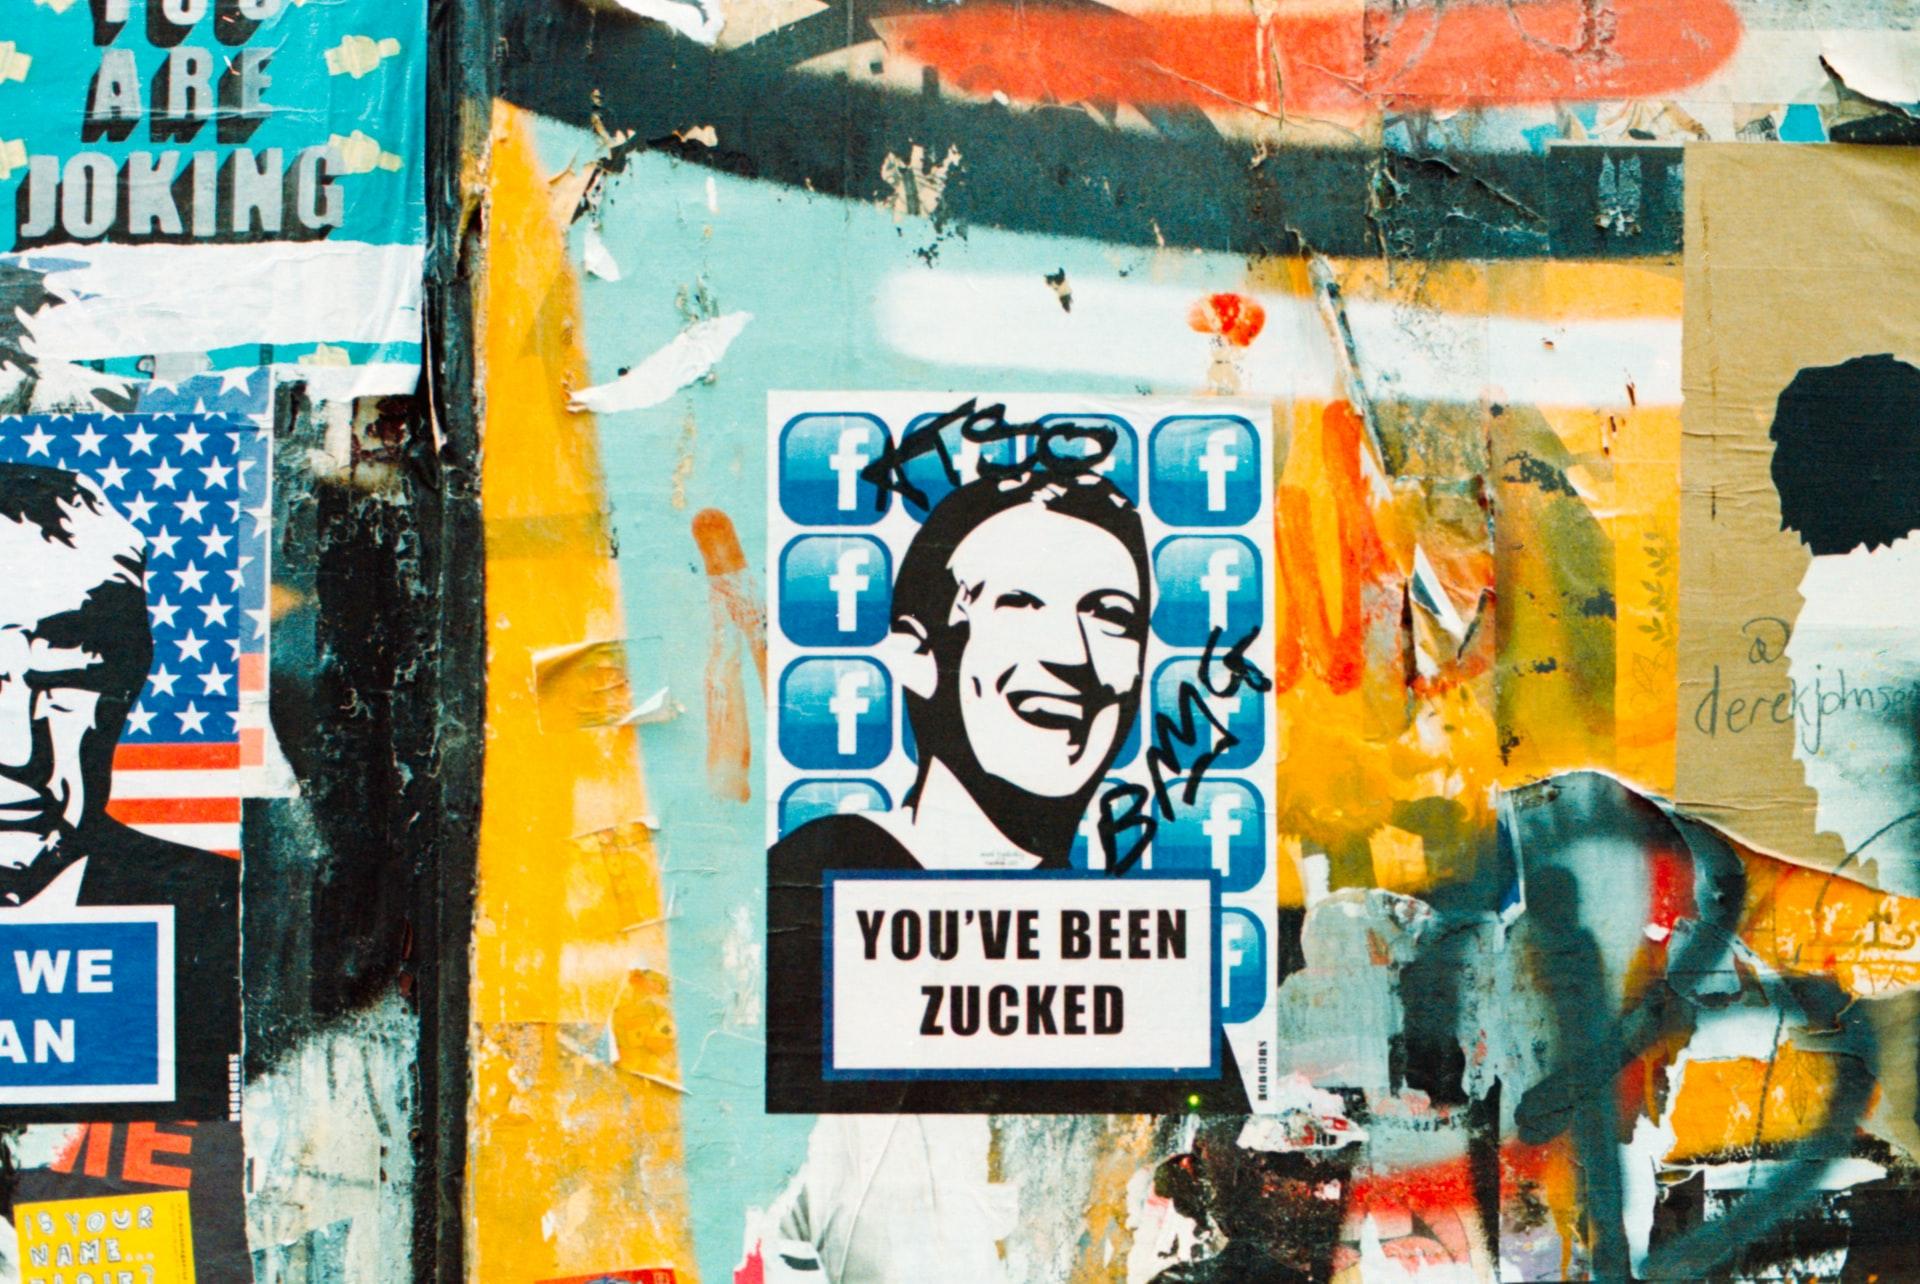 Une graffiti de Mark Zuckerberg